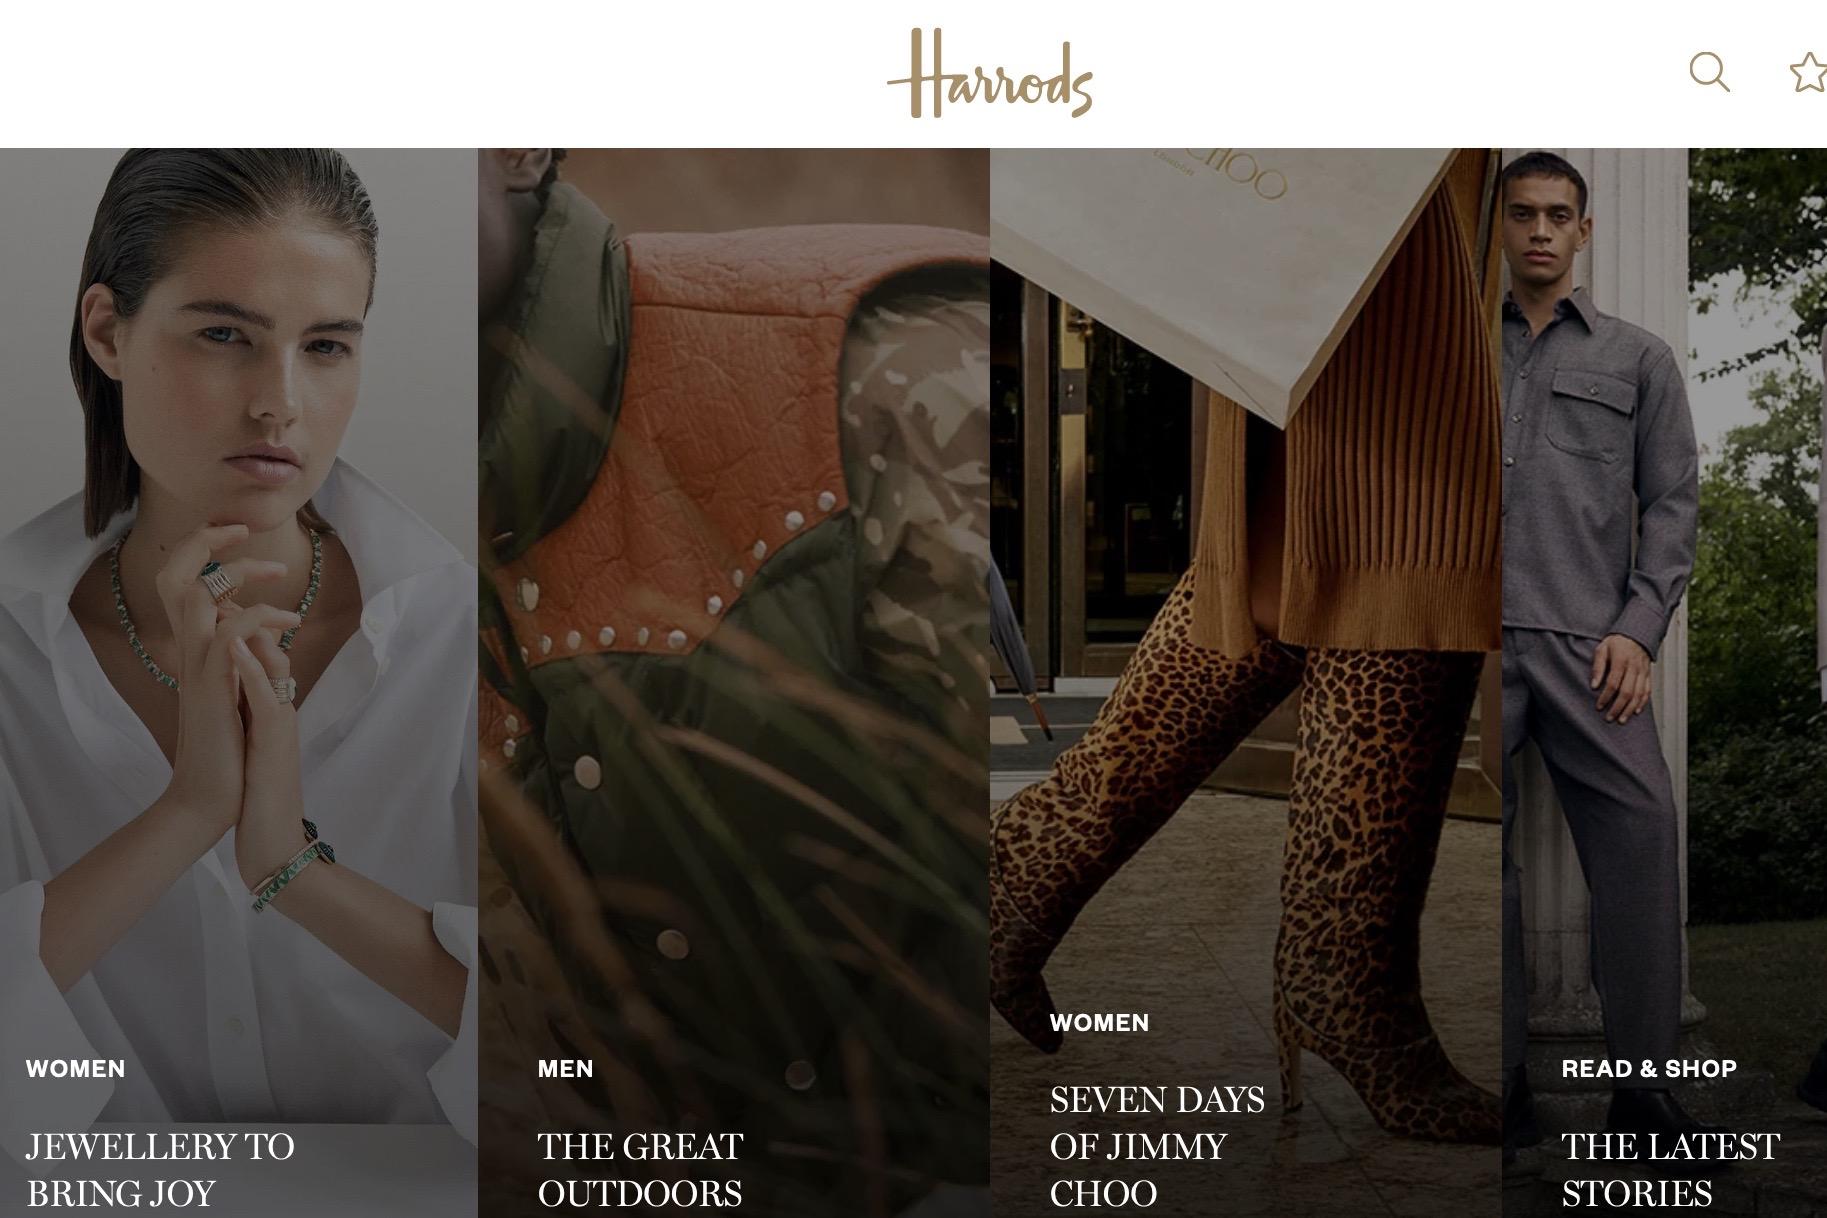 英国奢侈品百货公司 Harrods 上财年交易总额达22亿英镑,今年将面临巨大挑战